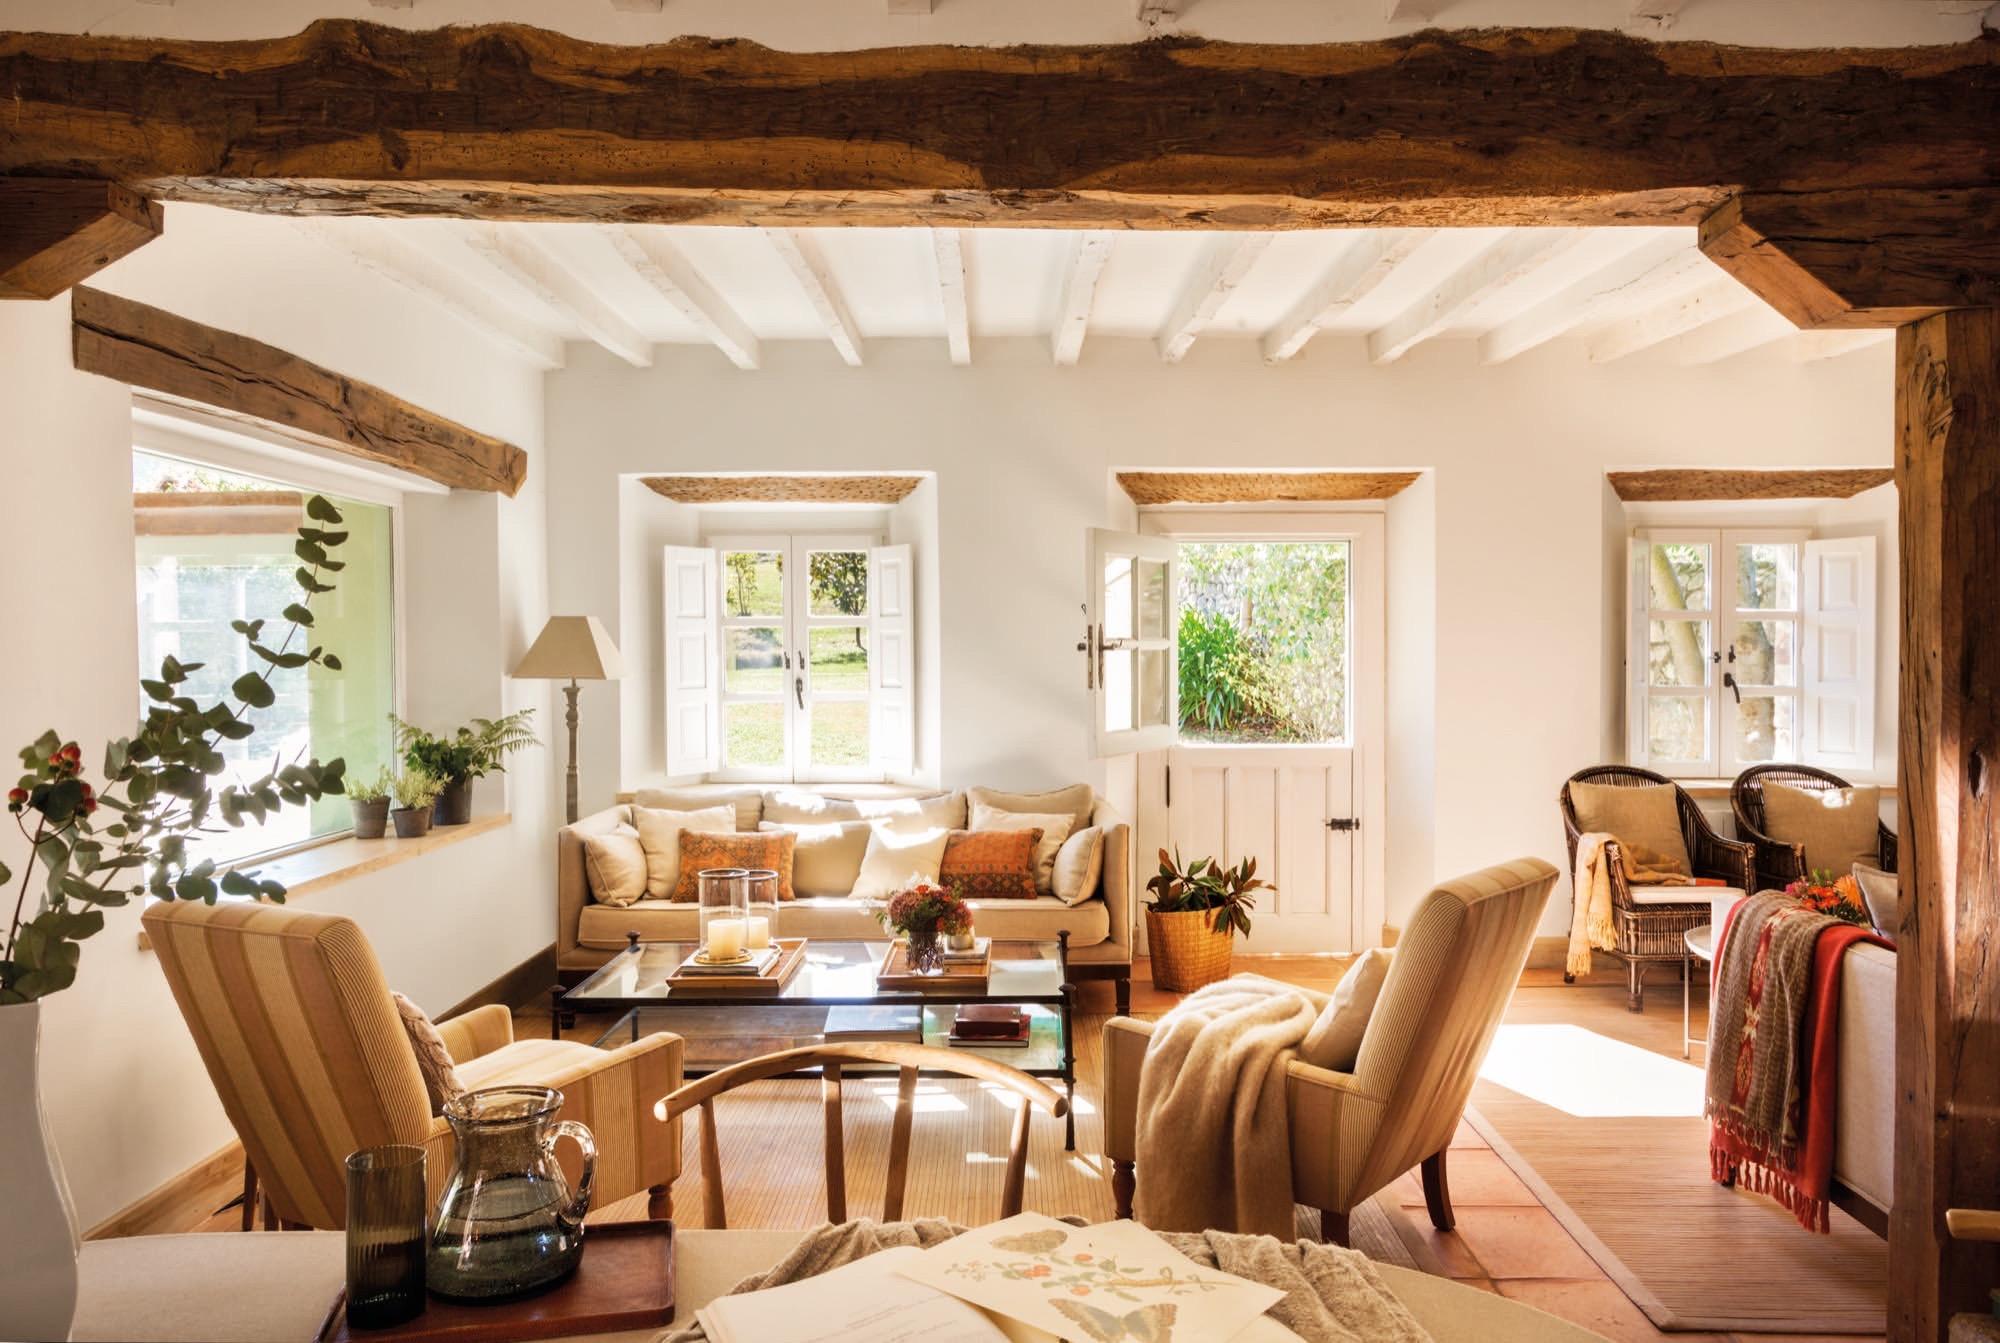 salon de una casa rustica en tonos blanco y beige